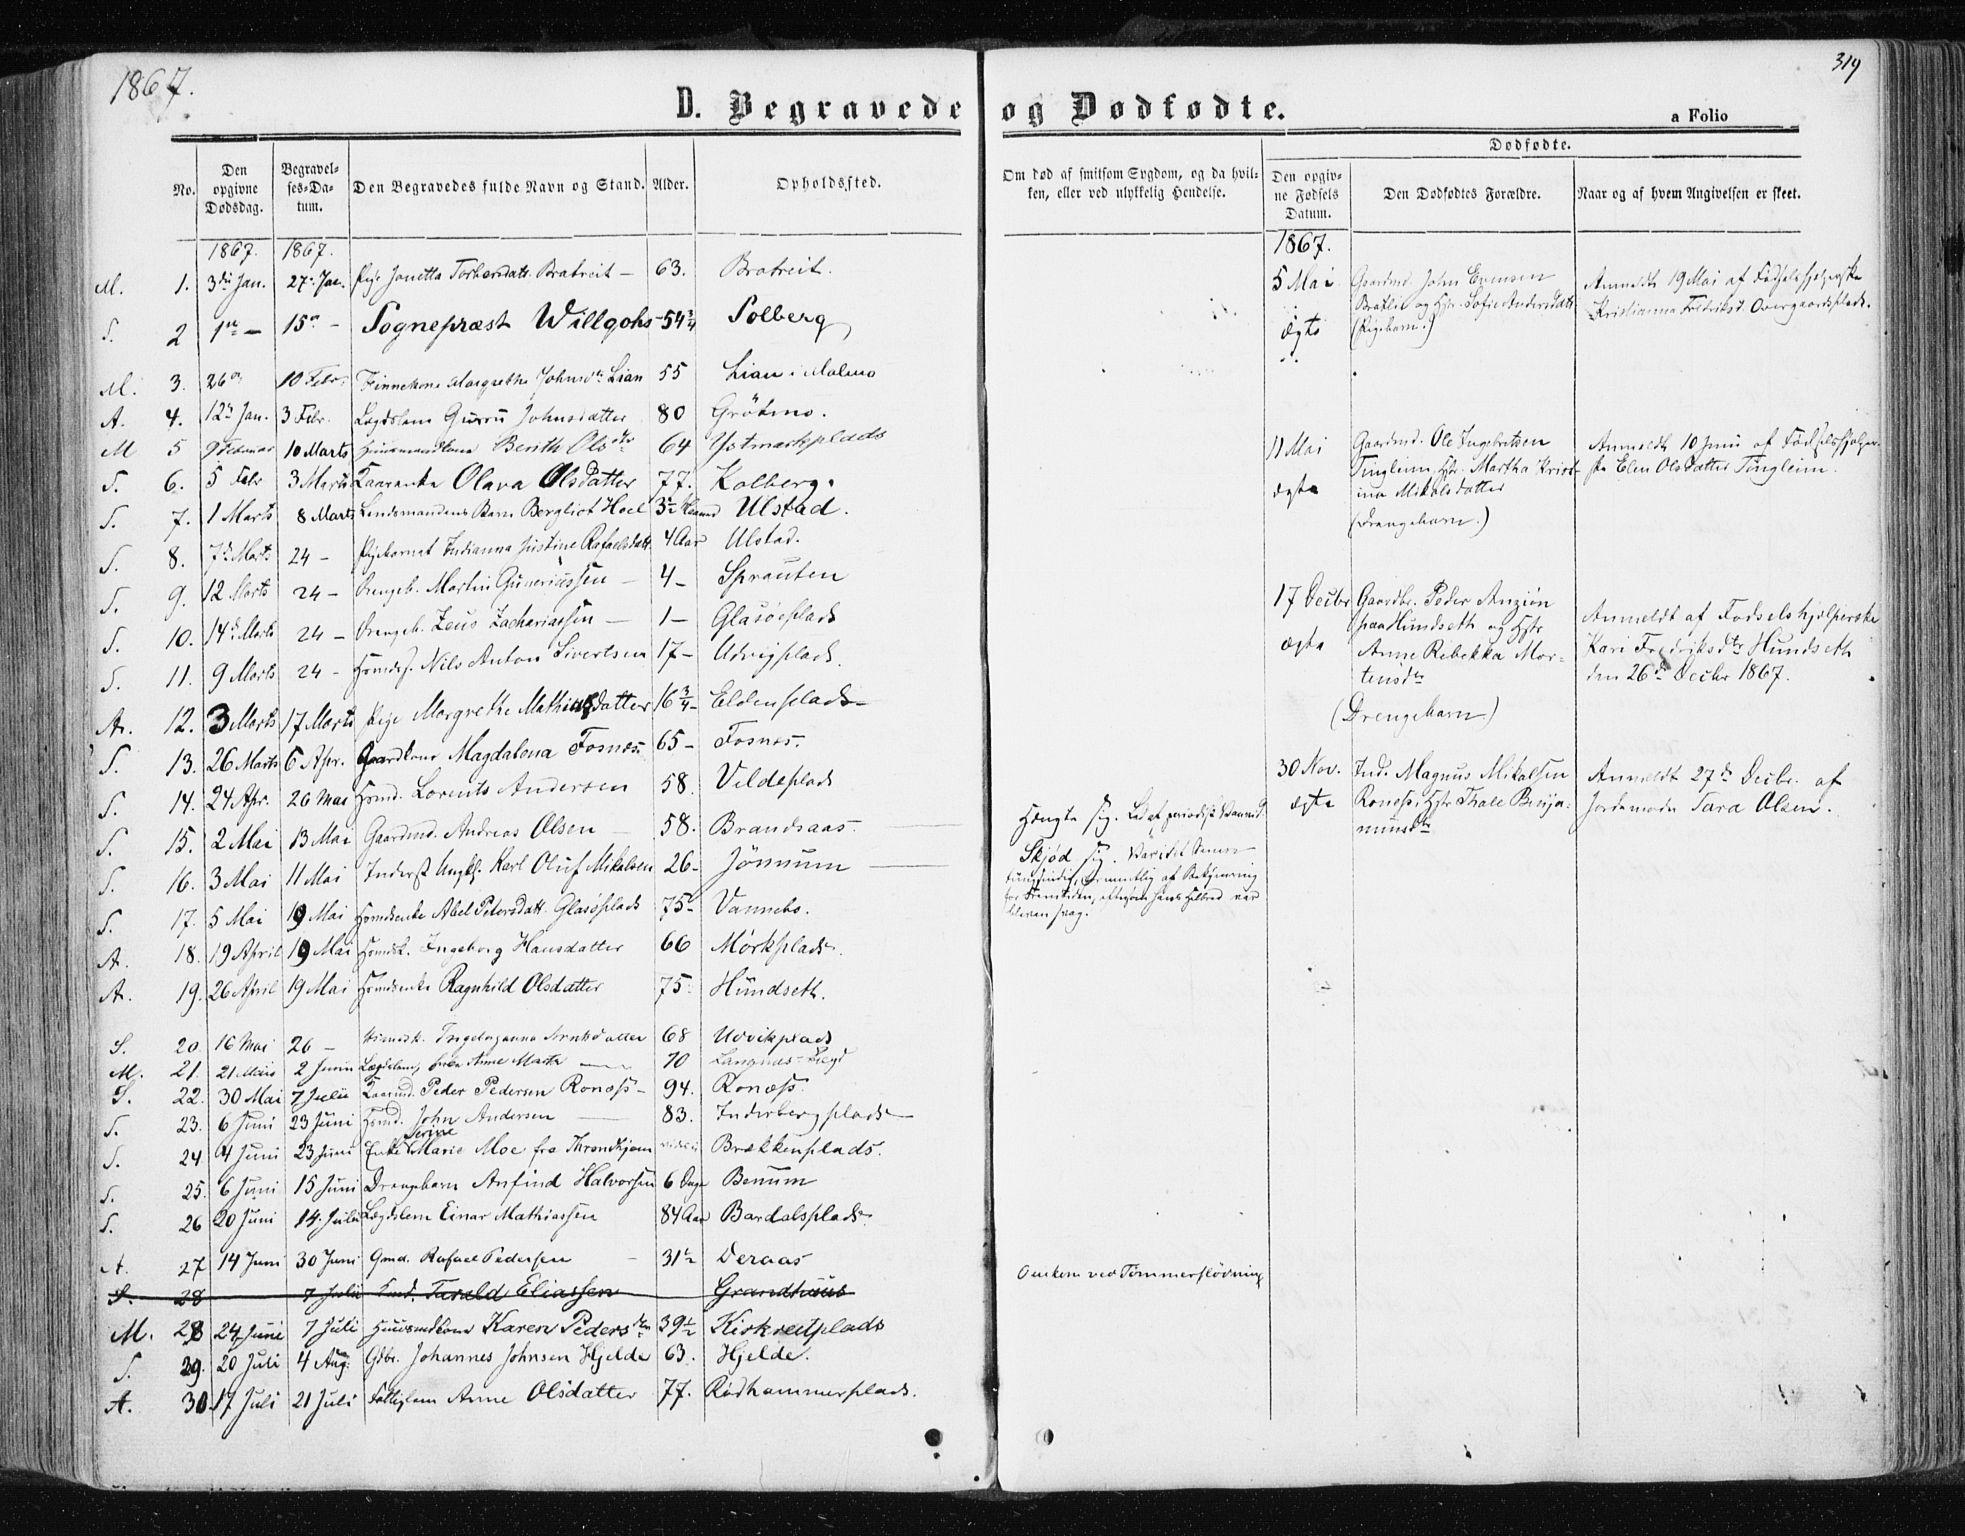 SAT, Ministerialprotokoller, klokkerbøker og fødselsregistre - Nord-Trøndelag, 741/L0394: Ministerialbok nr. 741A08, 1864-1877, s. 319